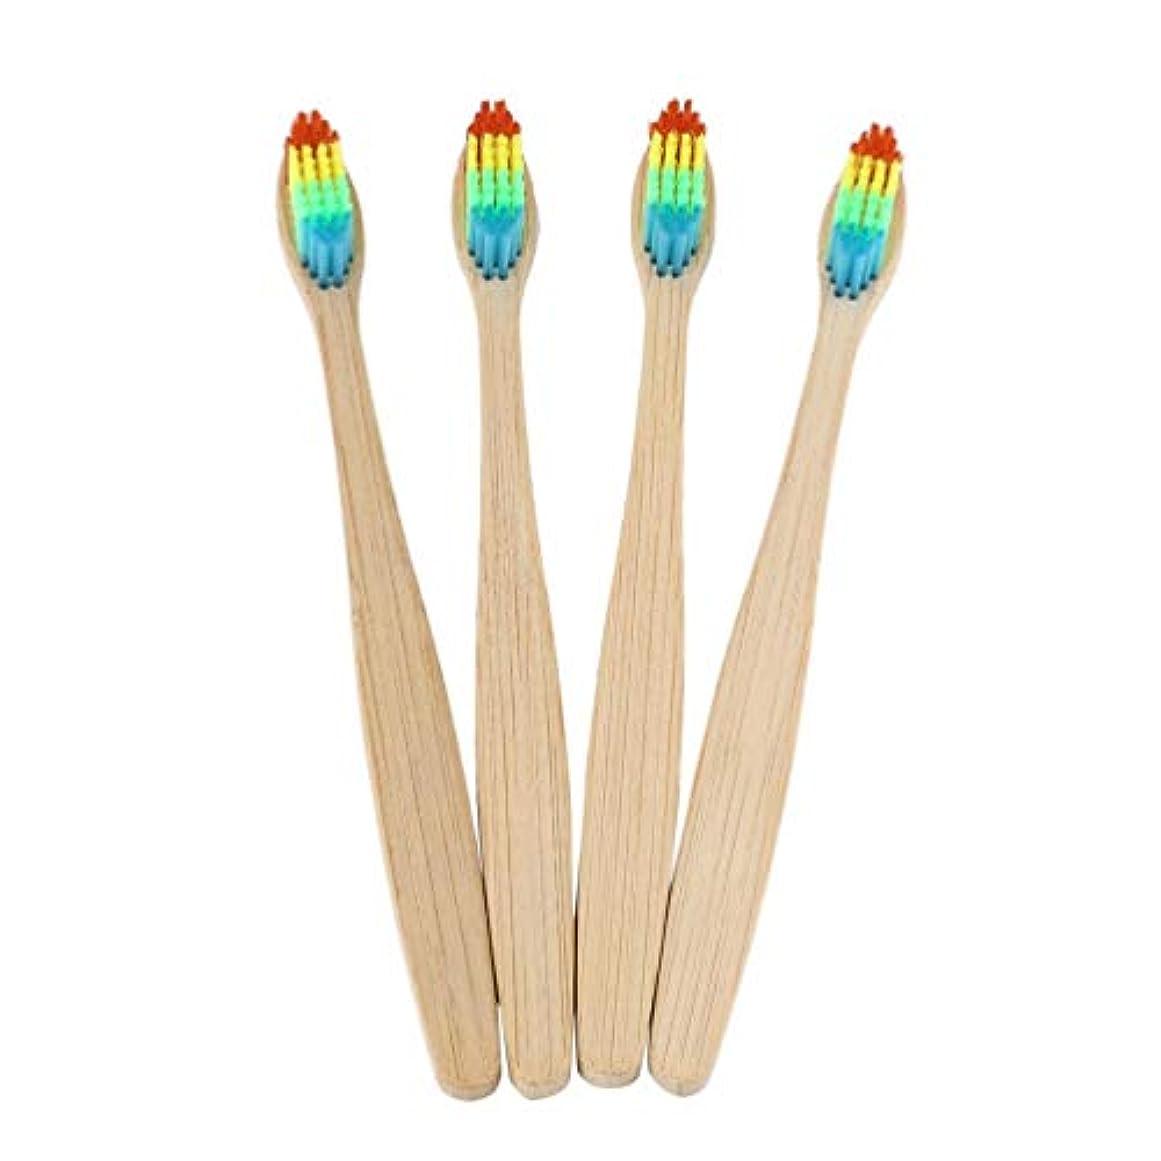 小康シダバイオリンカラフルな髪+竹のハンドル歯ブラシ環境木製の虹竹の歯ブラシオーラルケアソフト剛毛ユニセックス - ウッドカラー+カラフル